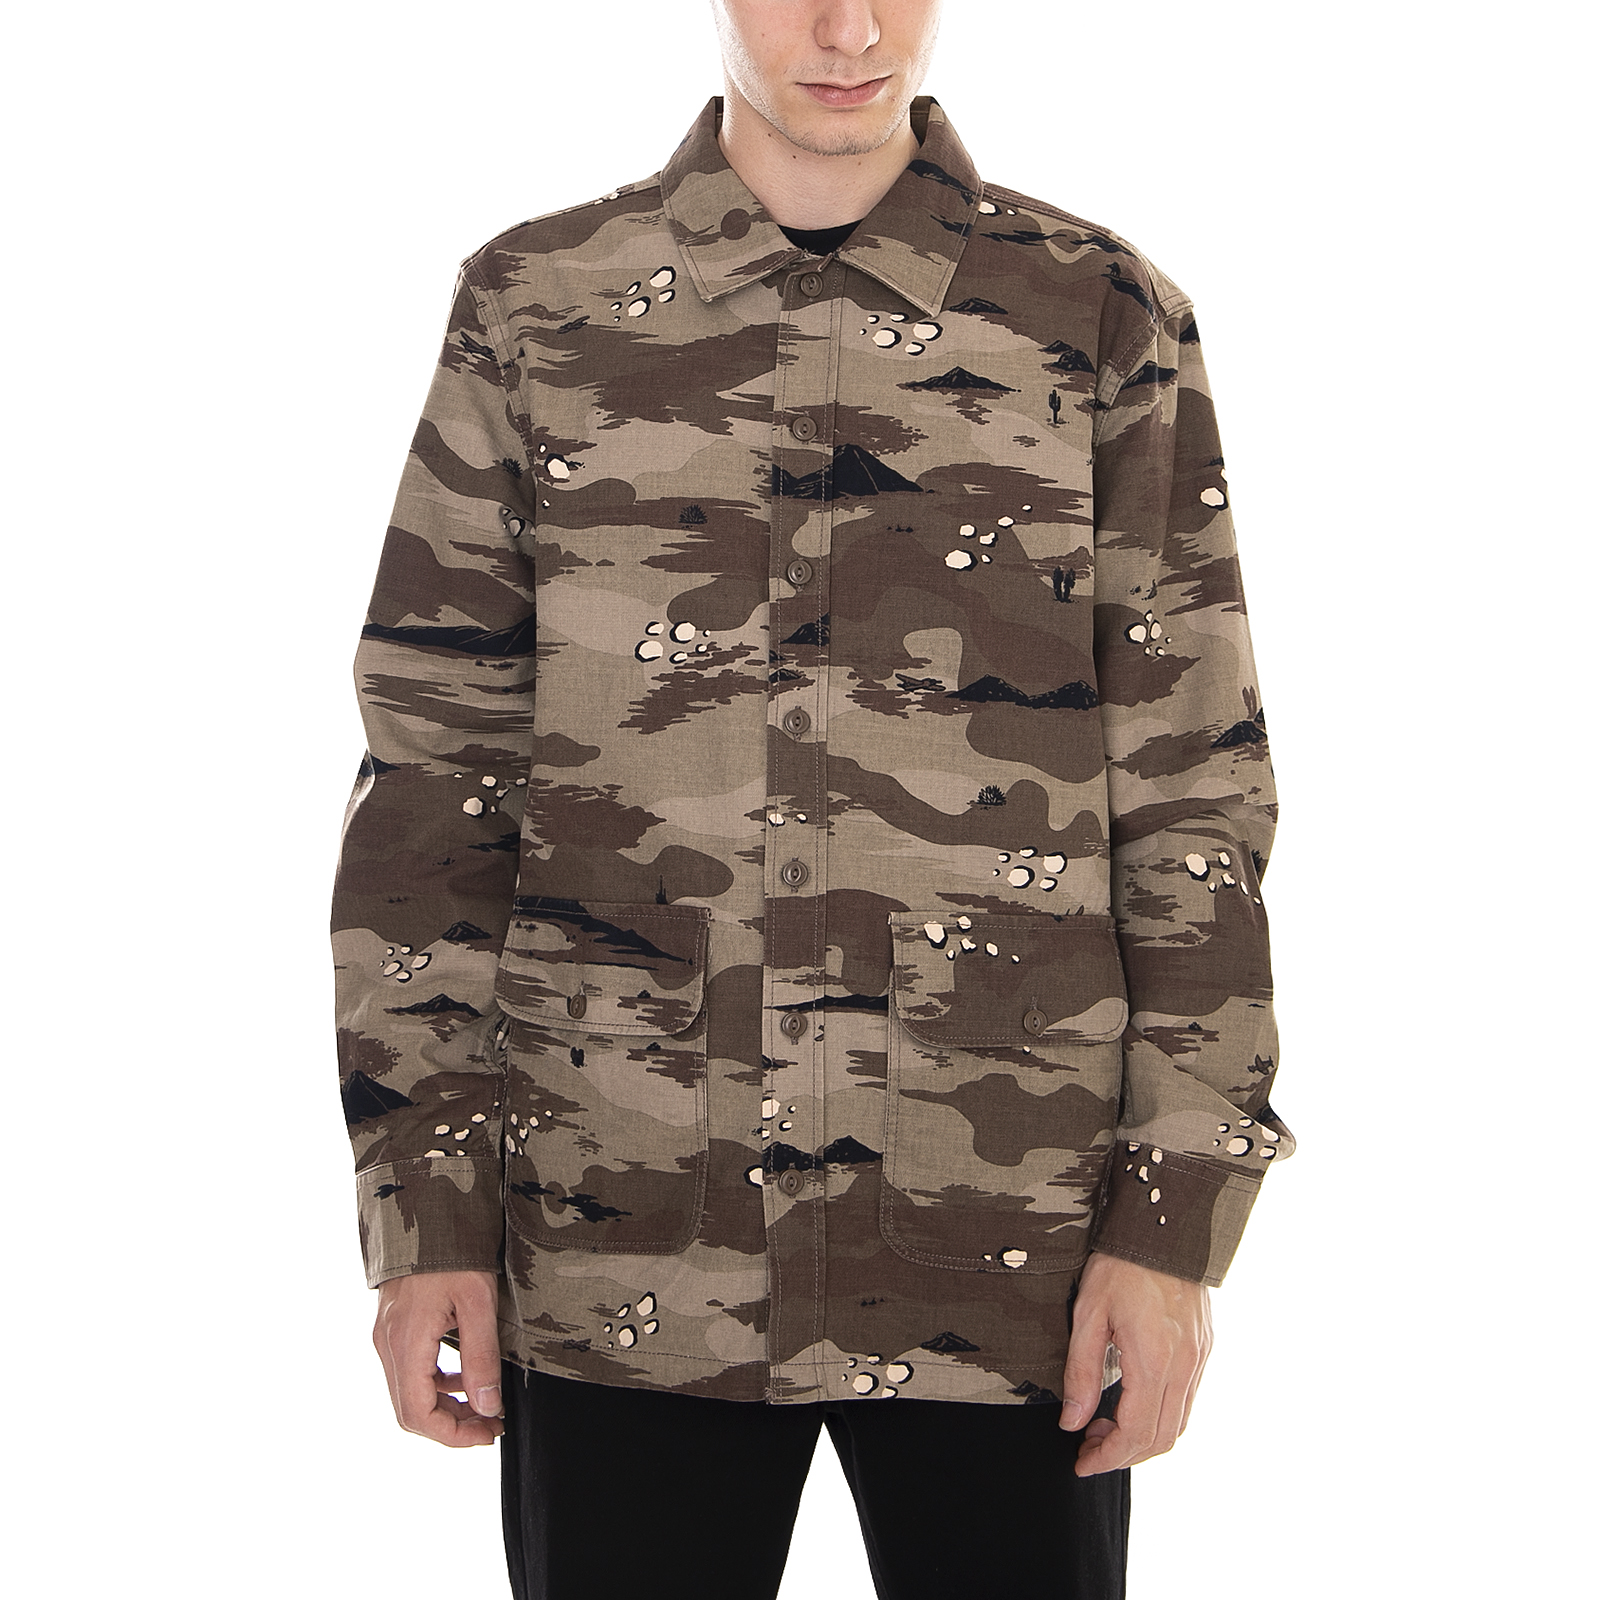 Vans Sweatshirt Sweatshirt Sweatshirt Mn Winchester Storm Camo Camo 3724af